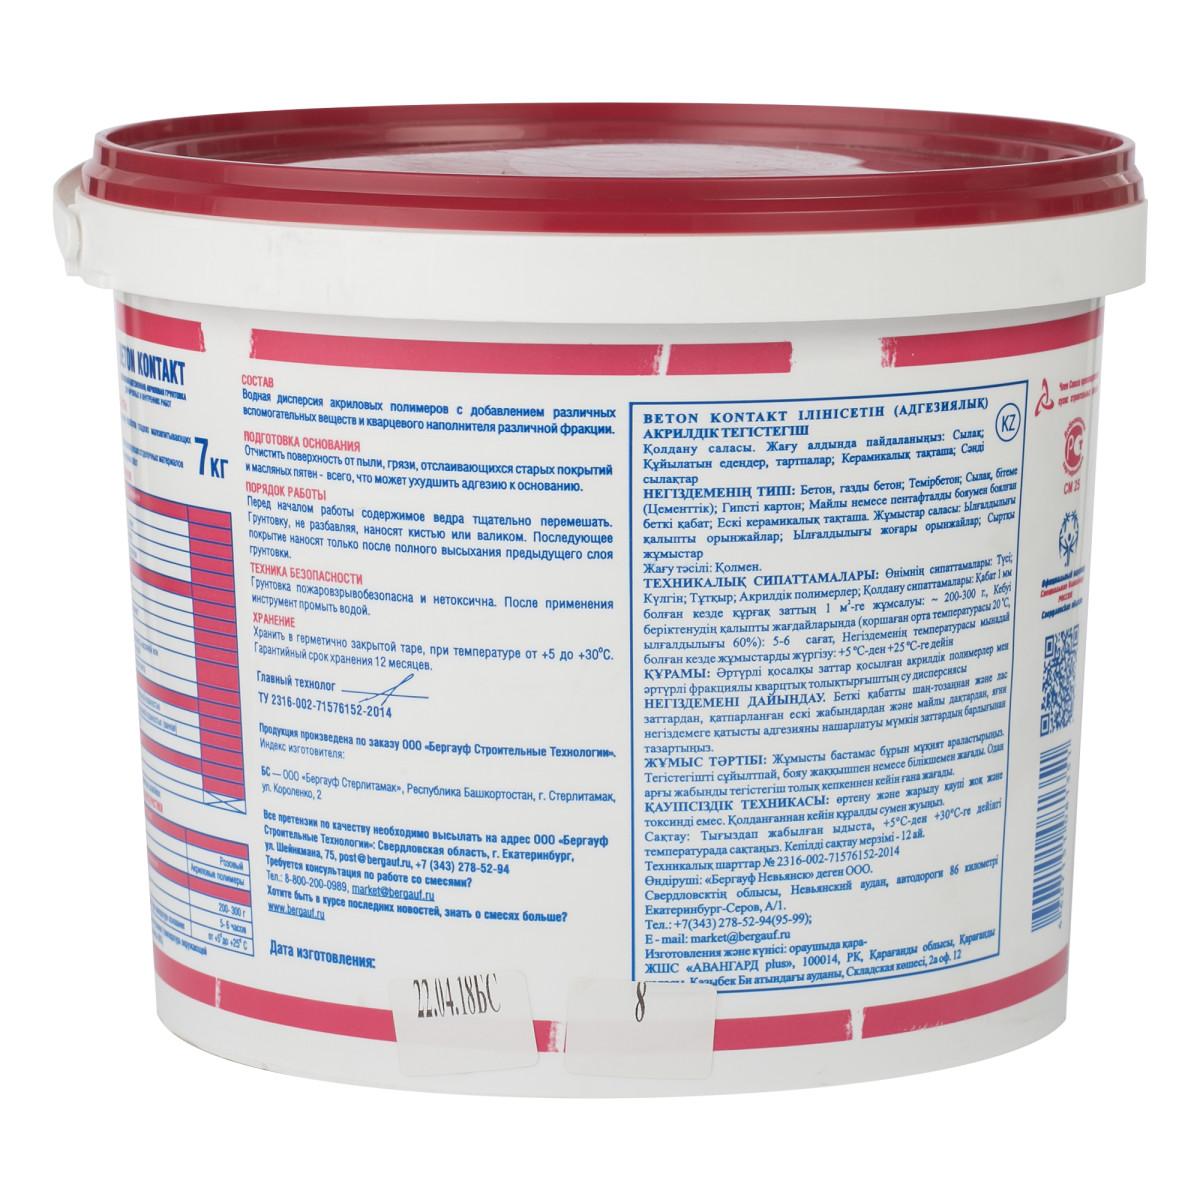 Купить бетон контакт в екатеринбурге доставка керамзитобетона